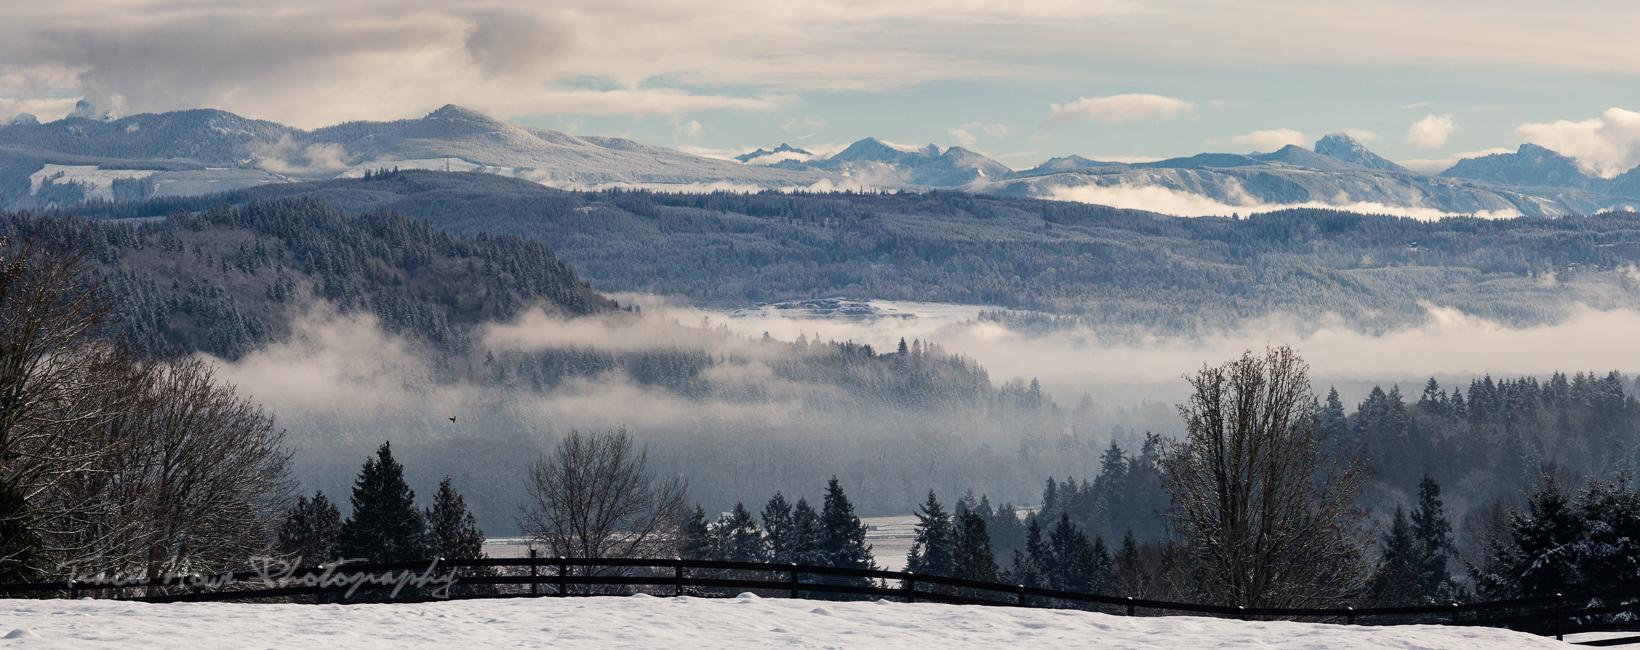 Snohomish snow landscape